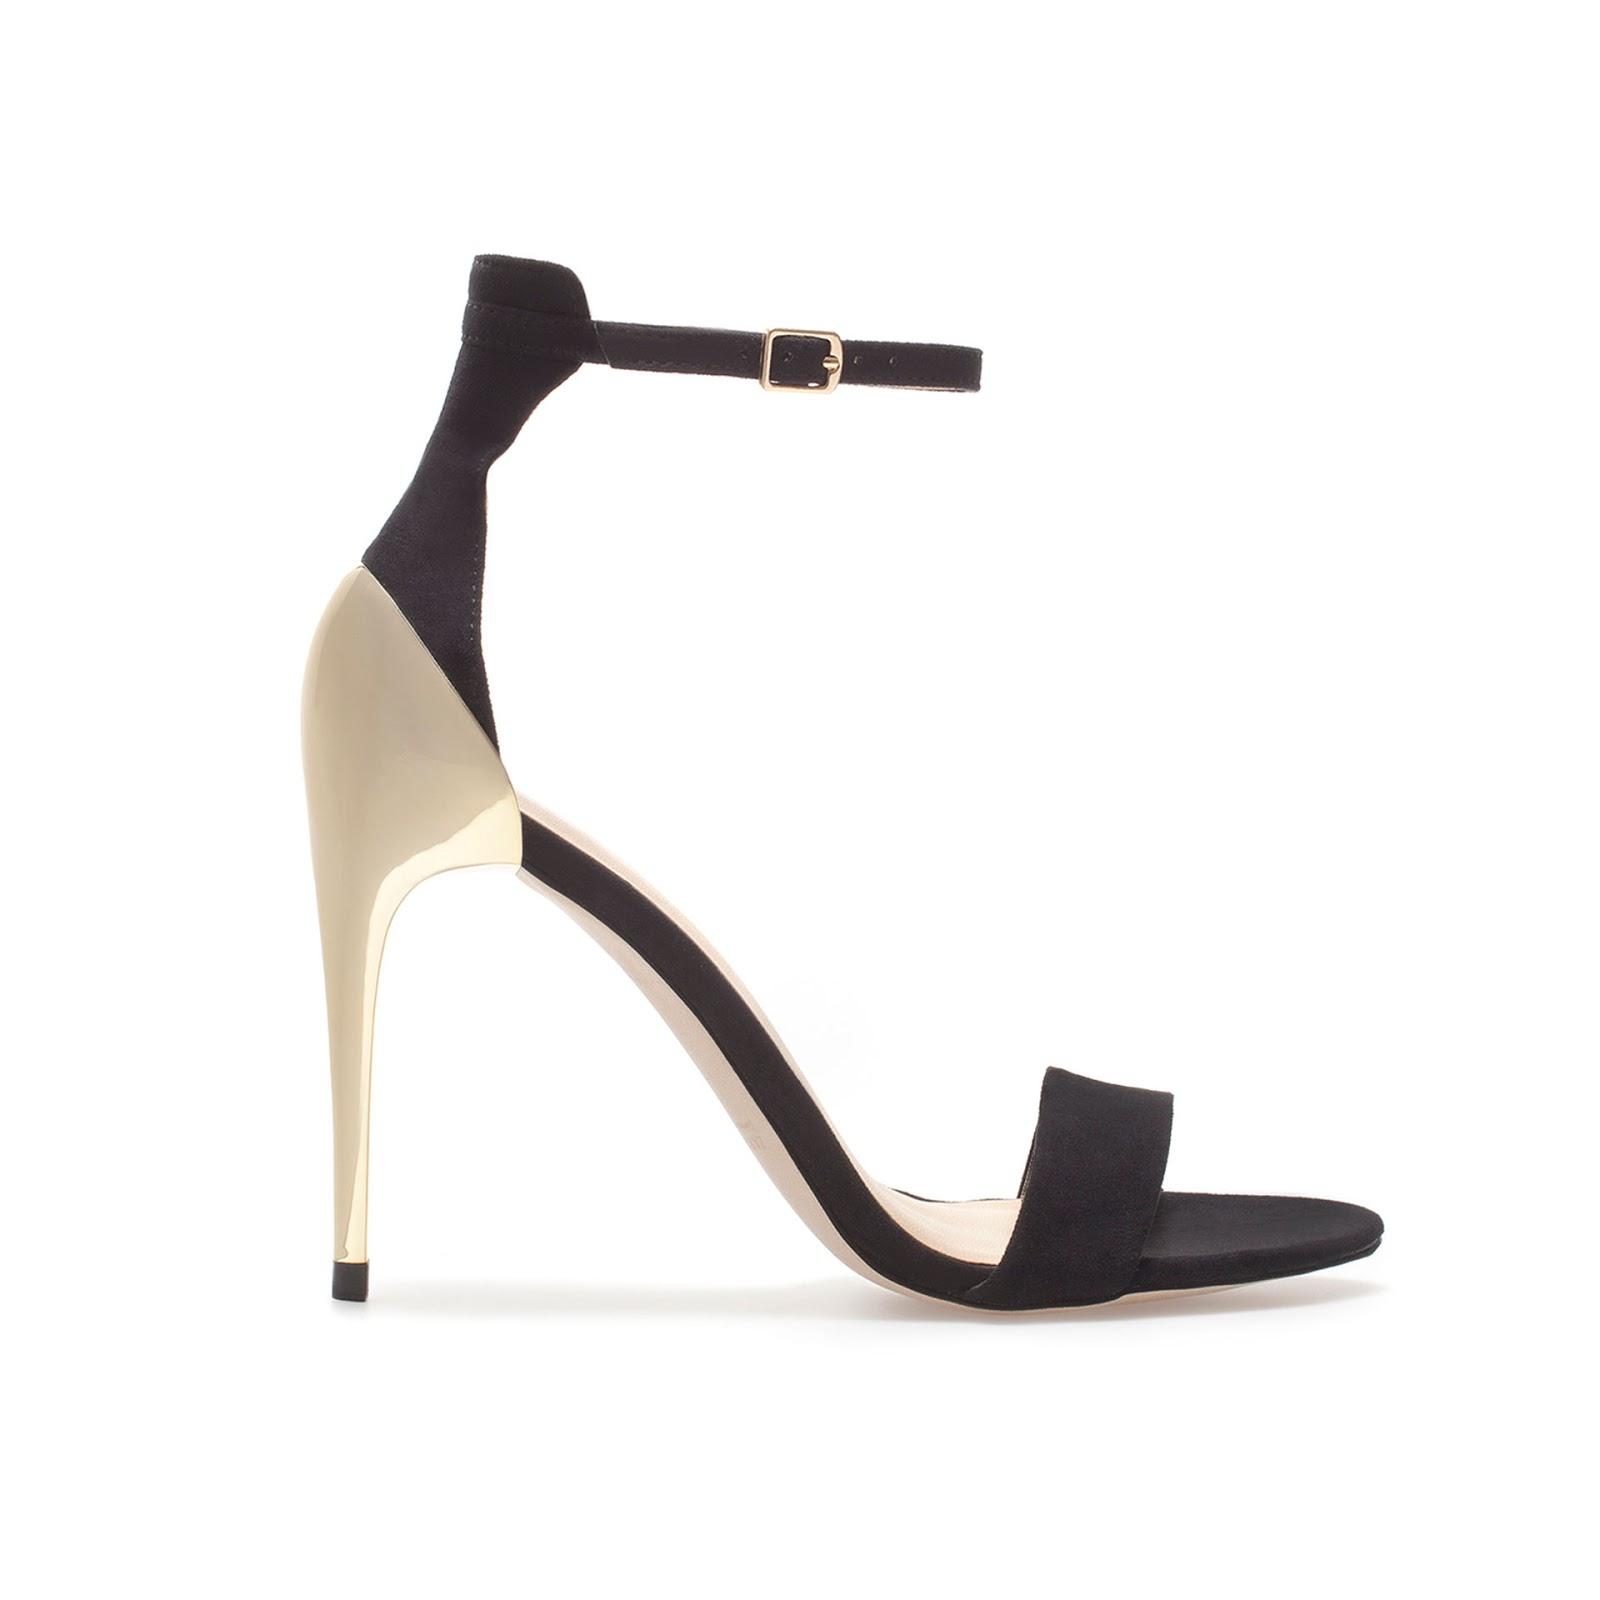 f4598e4fbeb069 Zara Delicate Strappy Sandals